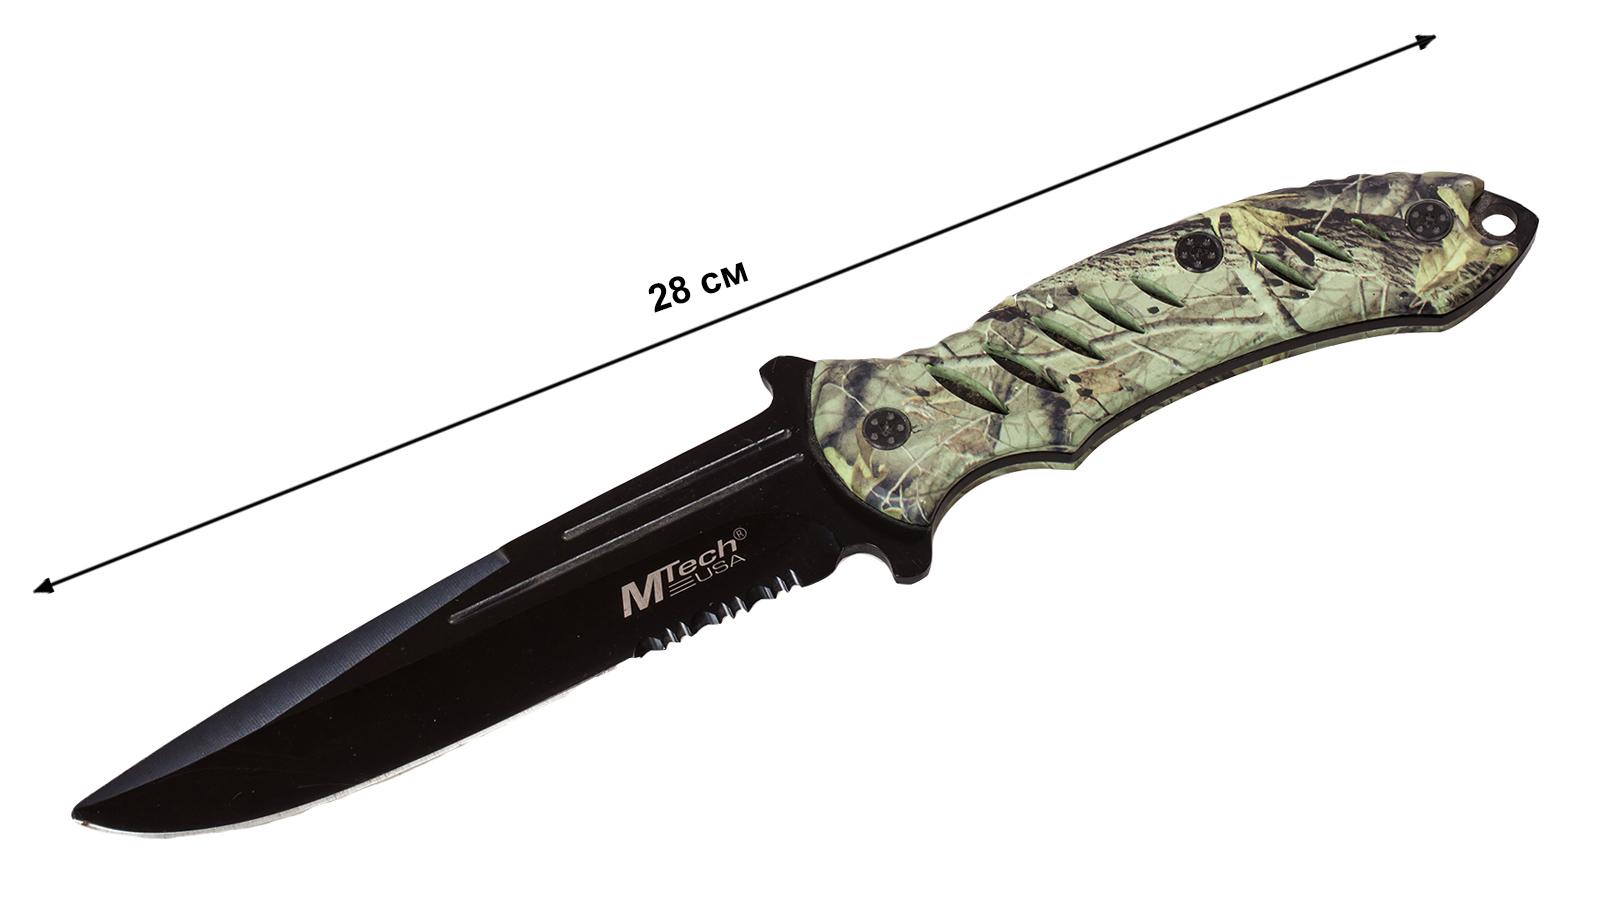 Нож с фиксированным клинком MTech Realtree Camo - купить с доставкой